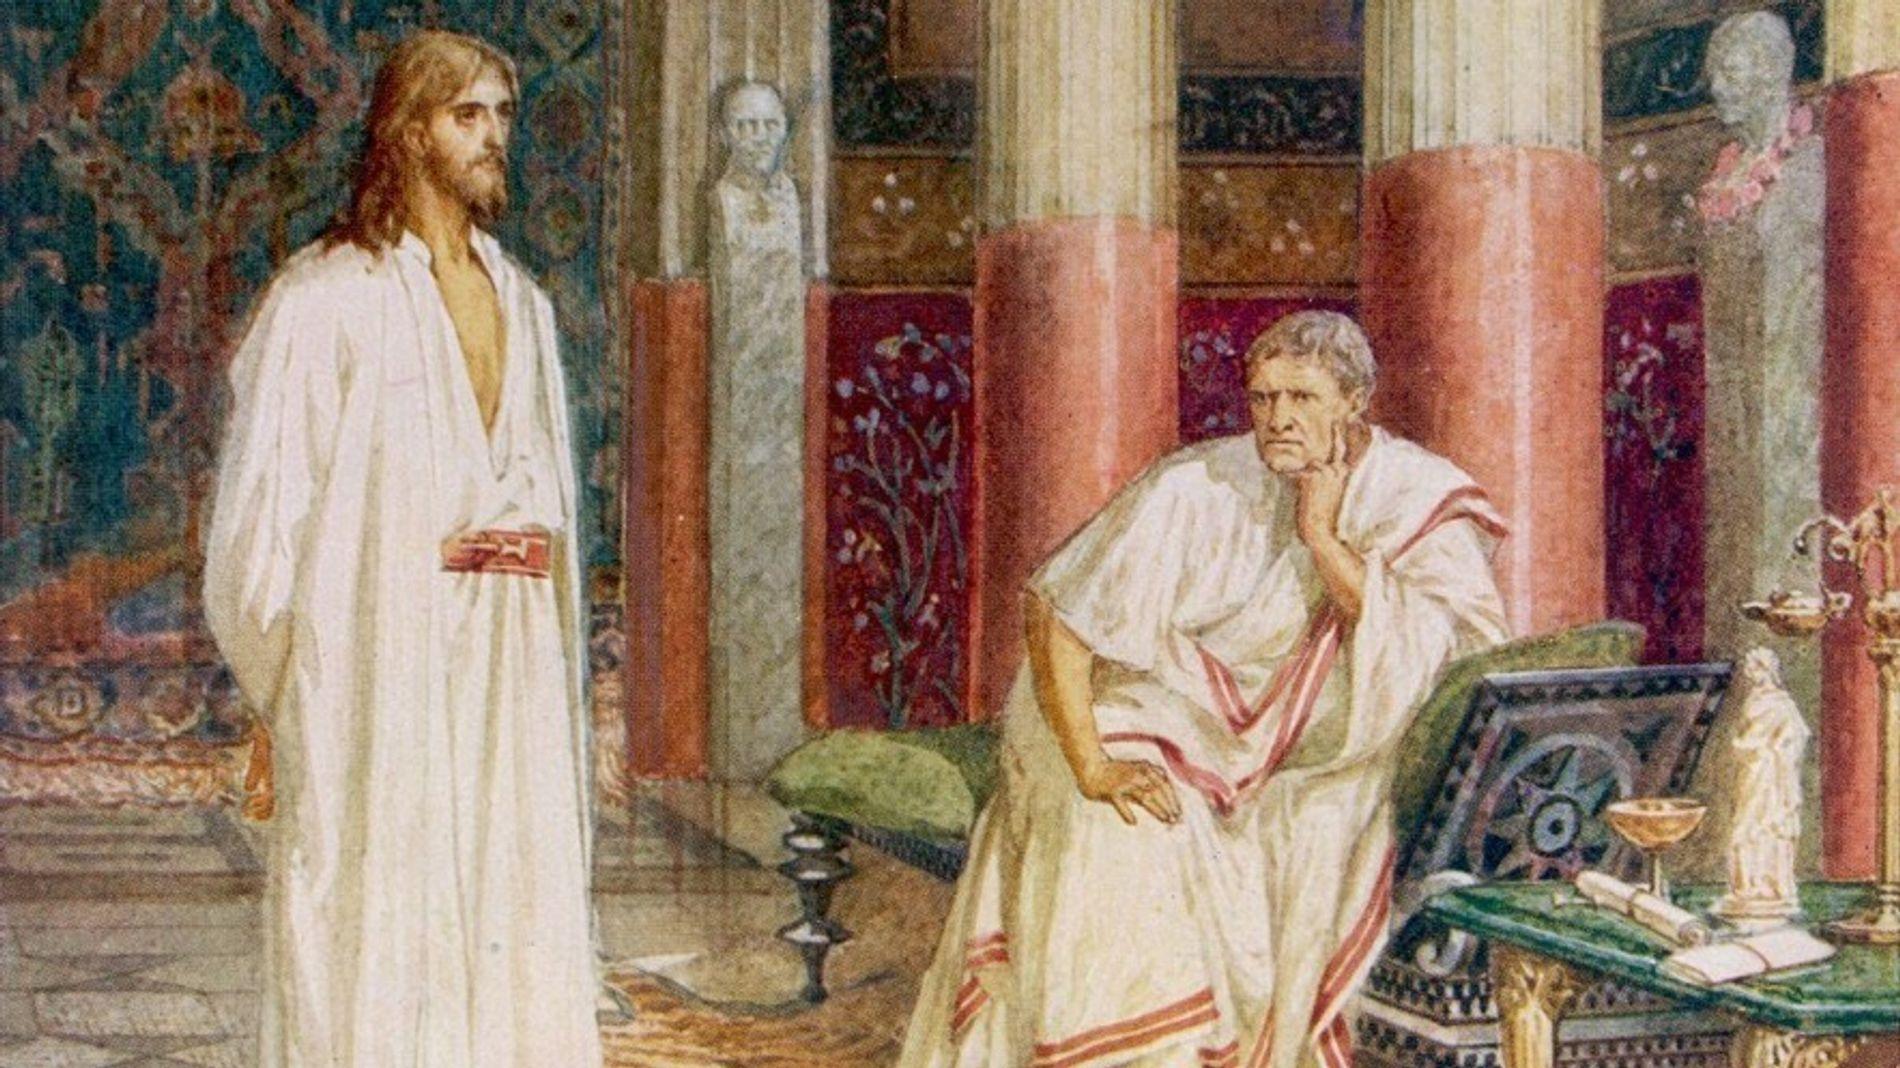 Selon les évangiles chrétiens, le préfet romain Ponce Pilate aurait interrogé Jésus avant d'ordonner son exécution.